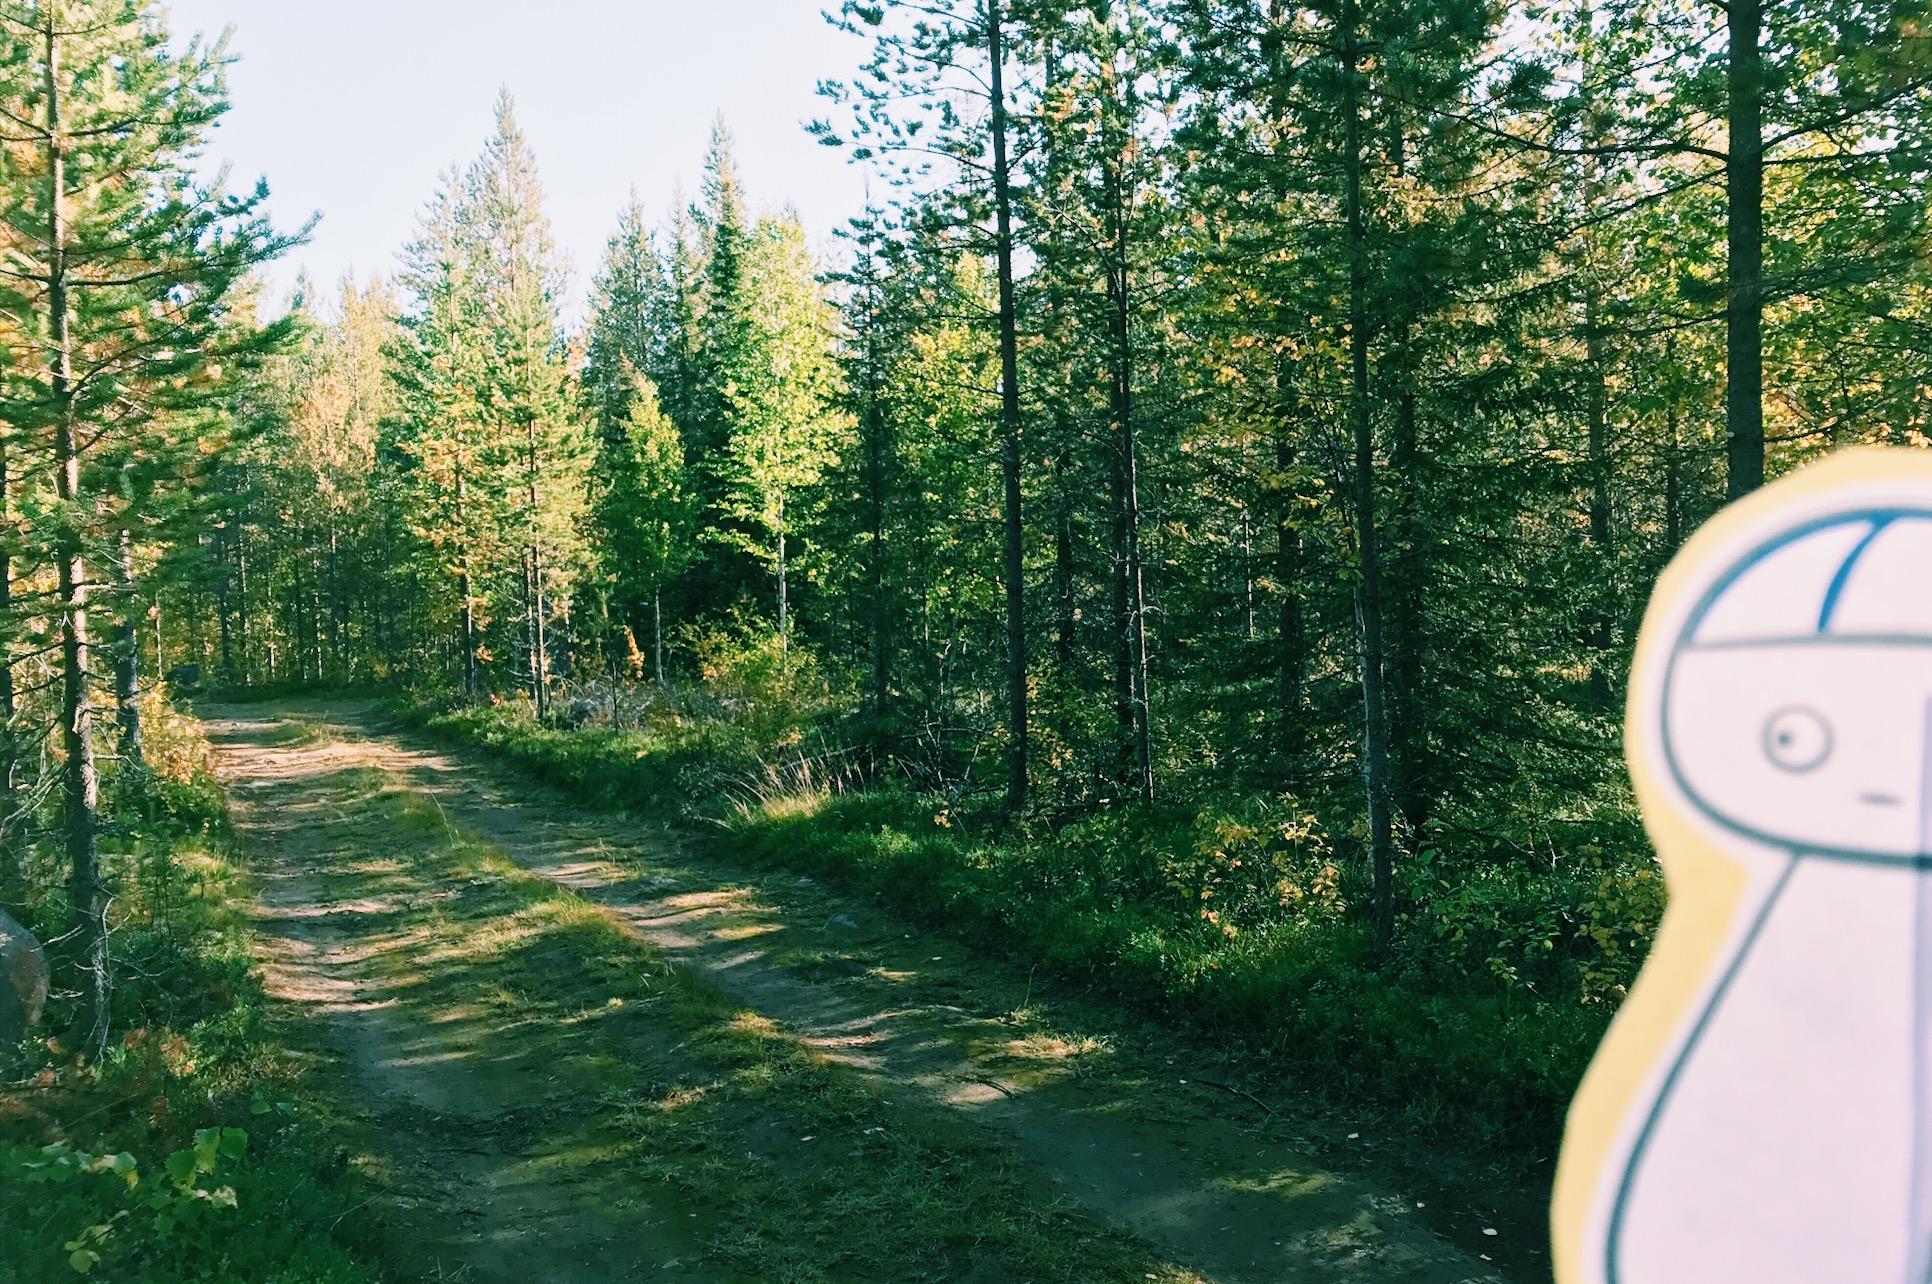 ピントが森のほうにあってしまってゴメンマッティ・・・ in Finland